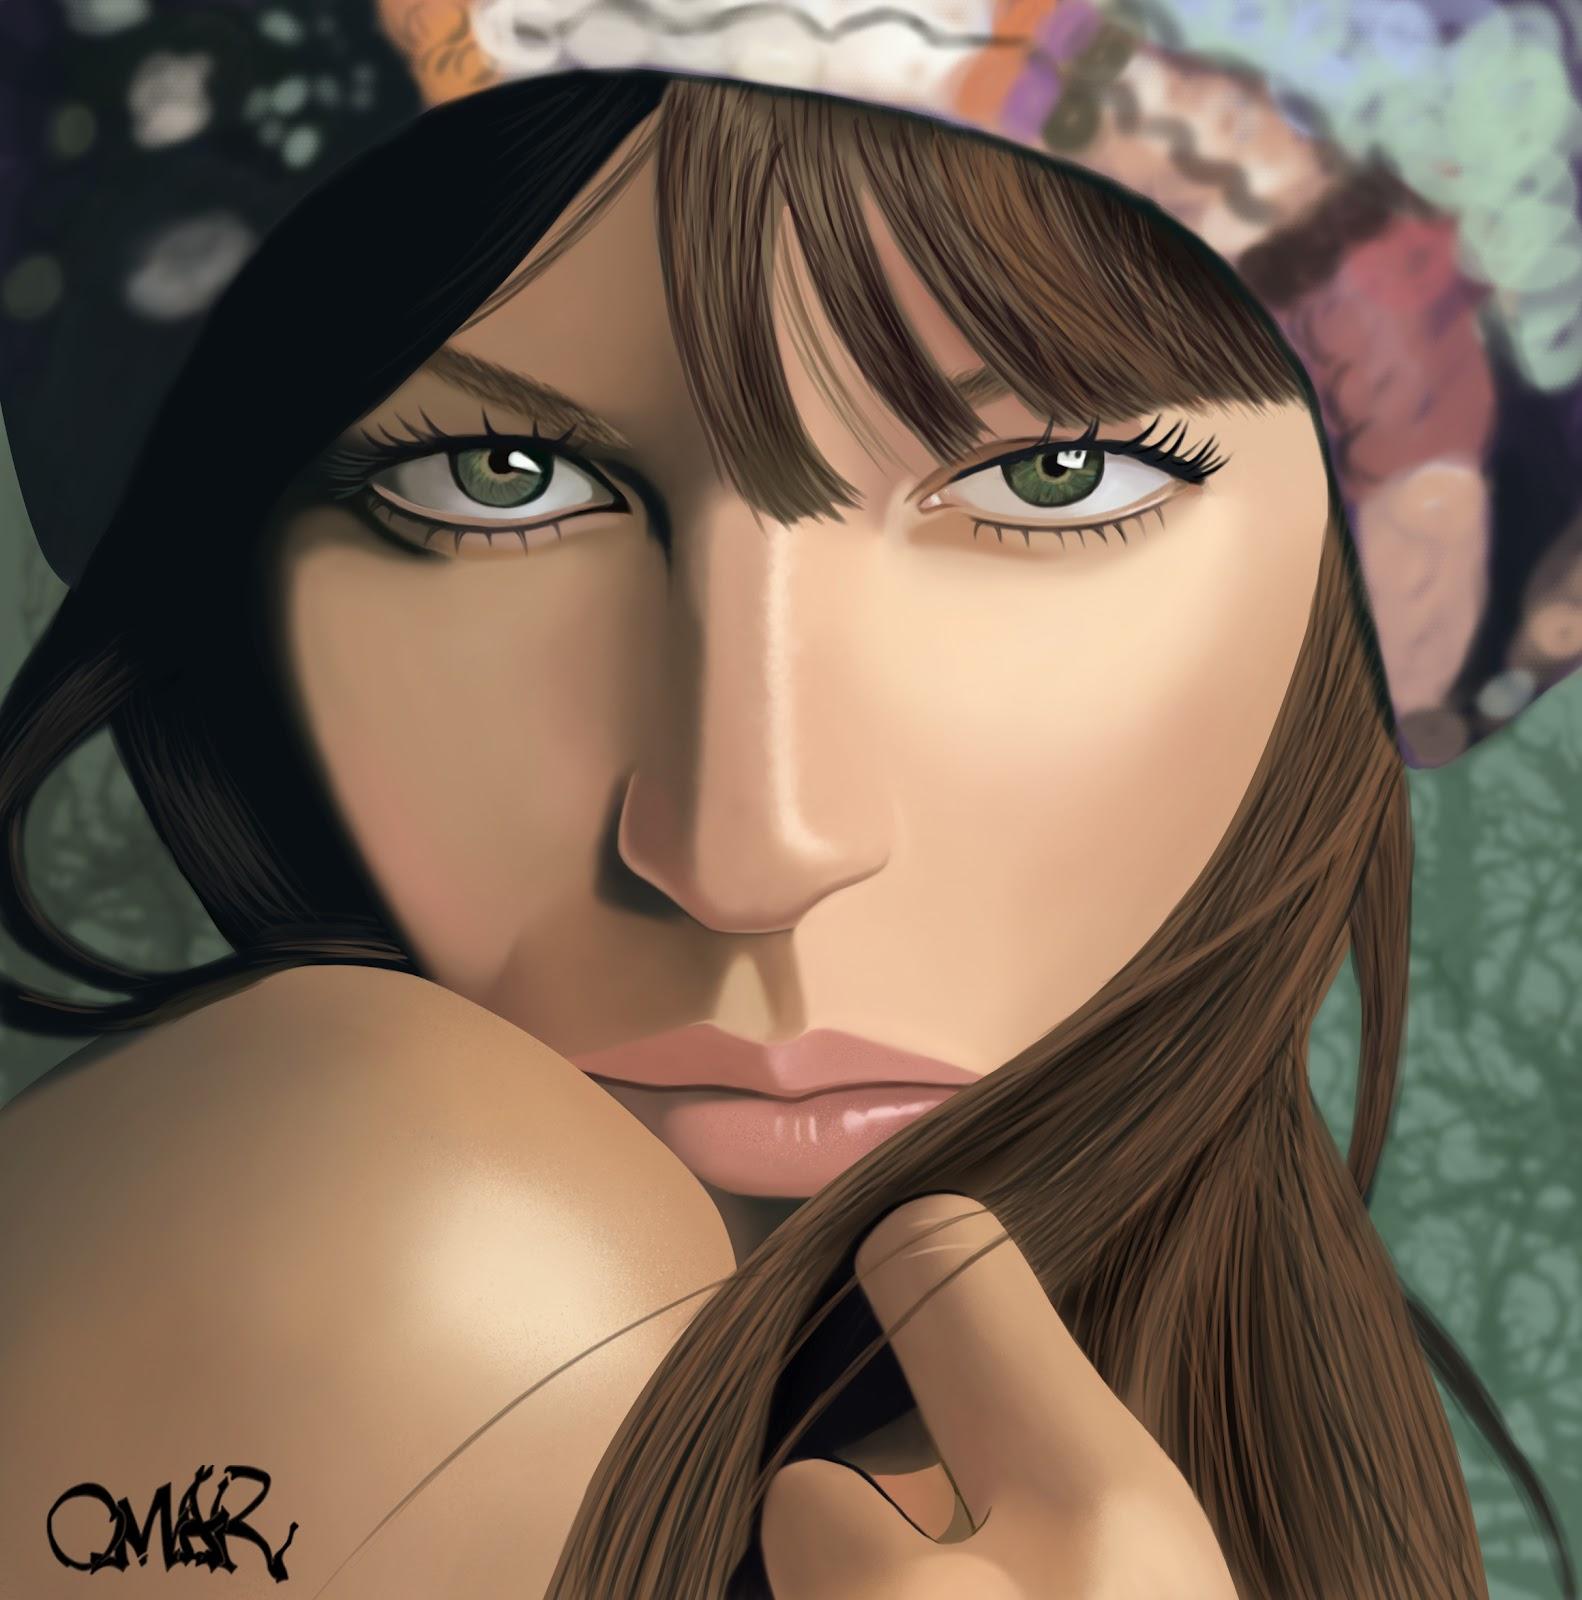 http://2.bp.blogspot.com/-pn7dHjSSxoI/UAuTnYAL_8I/AAAAAAAAArE/JCuvg_jQ8PA/s1600/Gisele-Bundchen-Cartoon-3.jpg